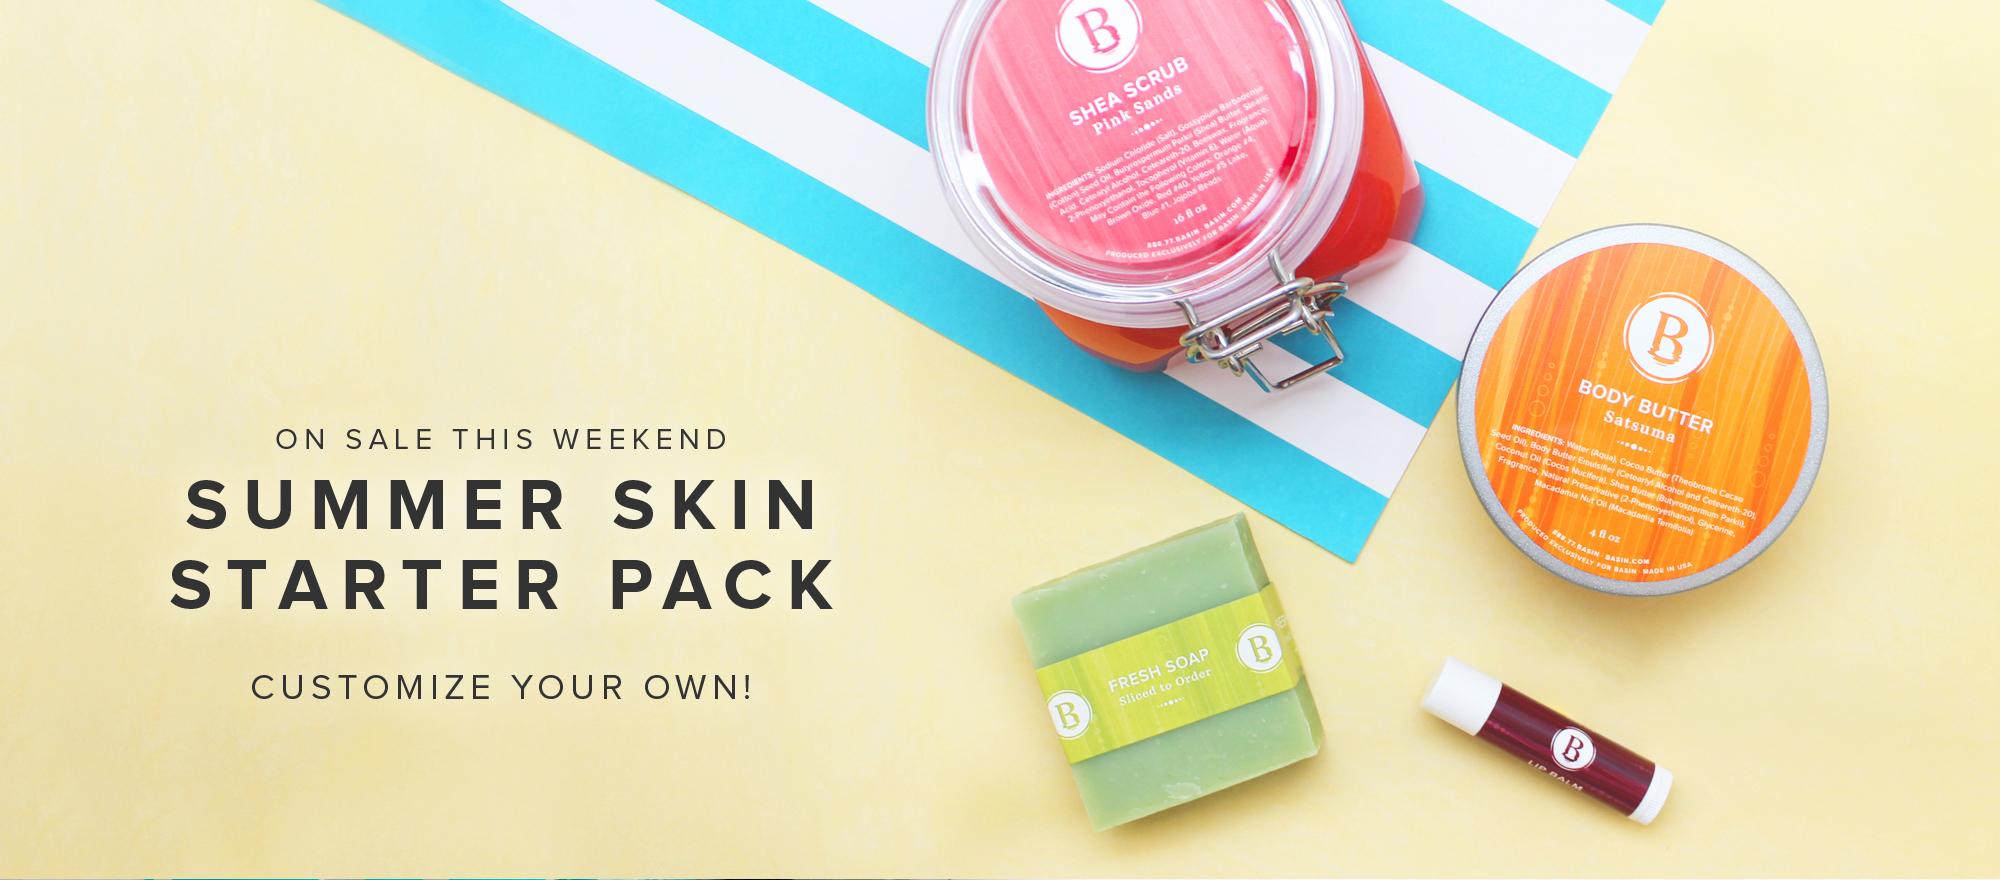 Summer Skin Starter Pack